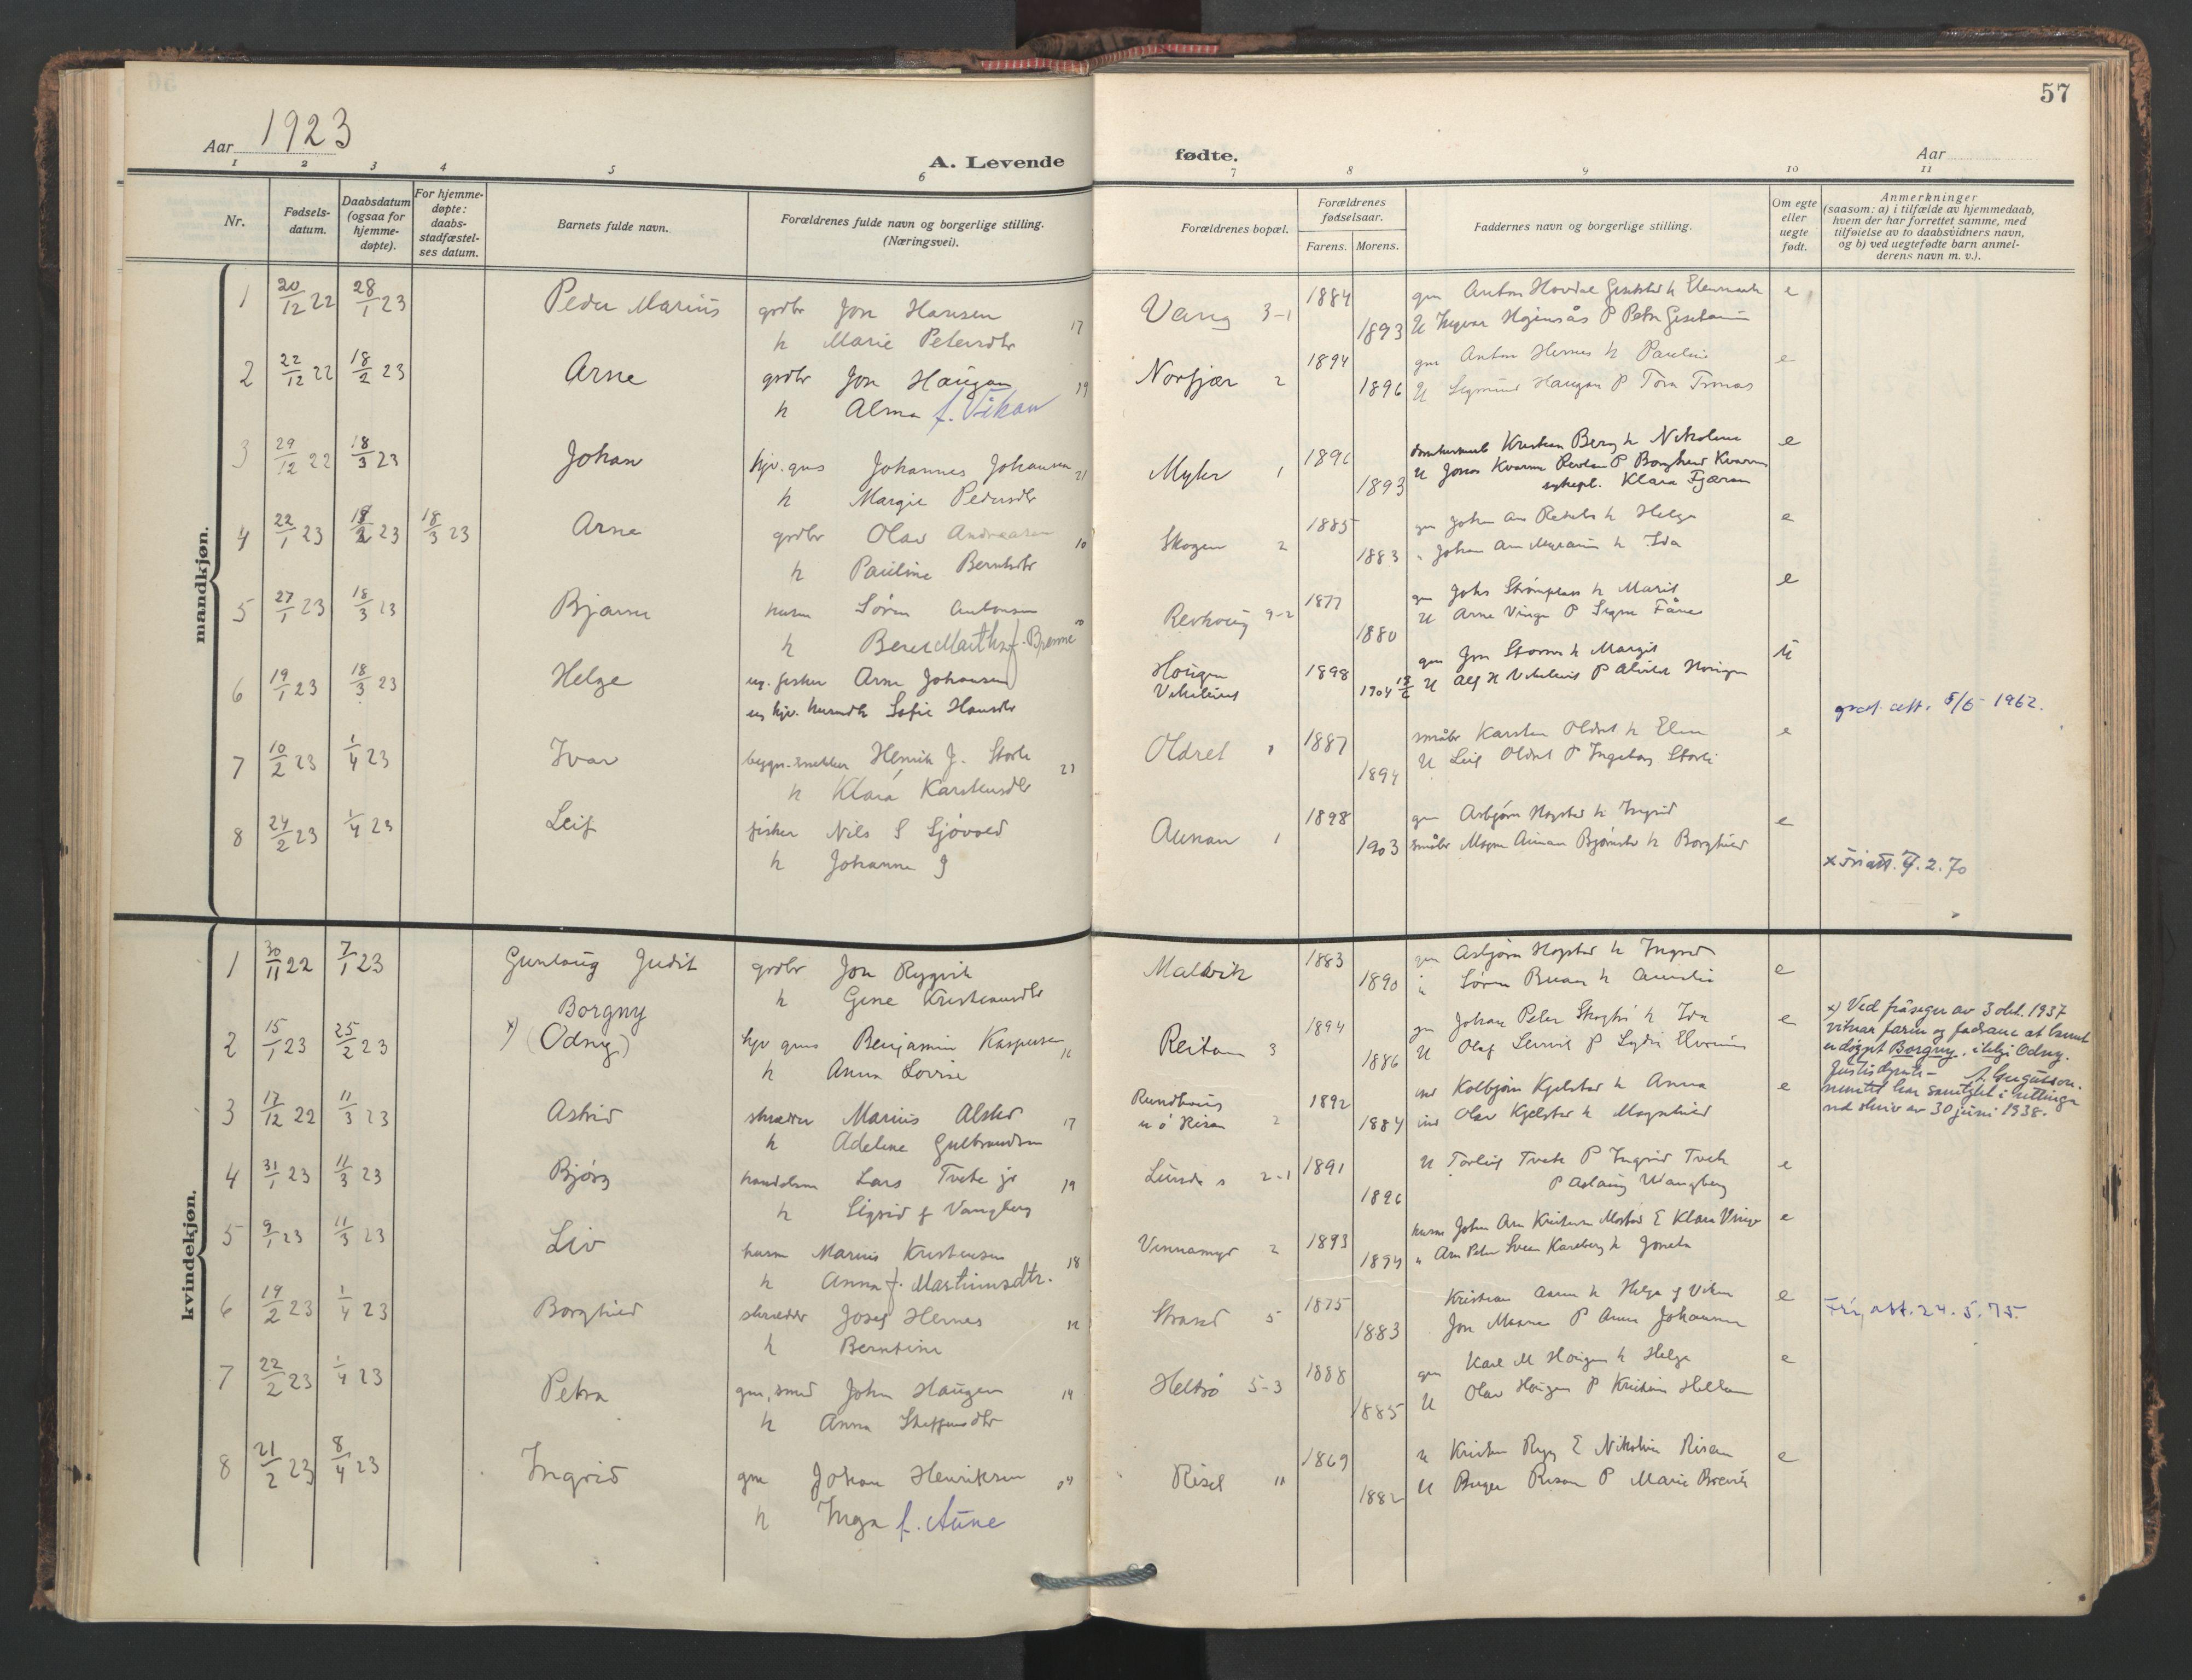 SAT, Ministerialprotokoller, klokkerbøker og fødselsregistre - Nord-Trøndelag, 713/L0123: Ministerialbok nr. 713A12, 1911-1925, s. 57